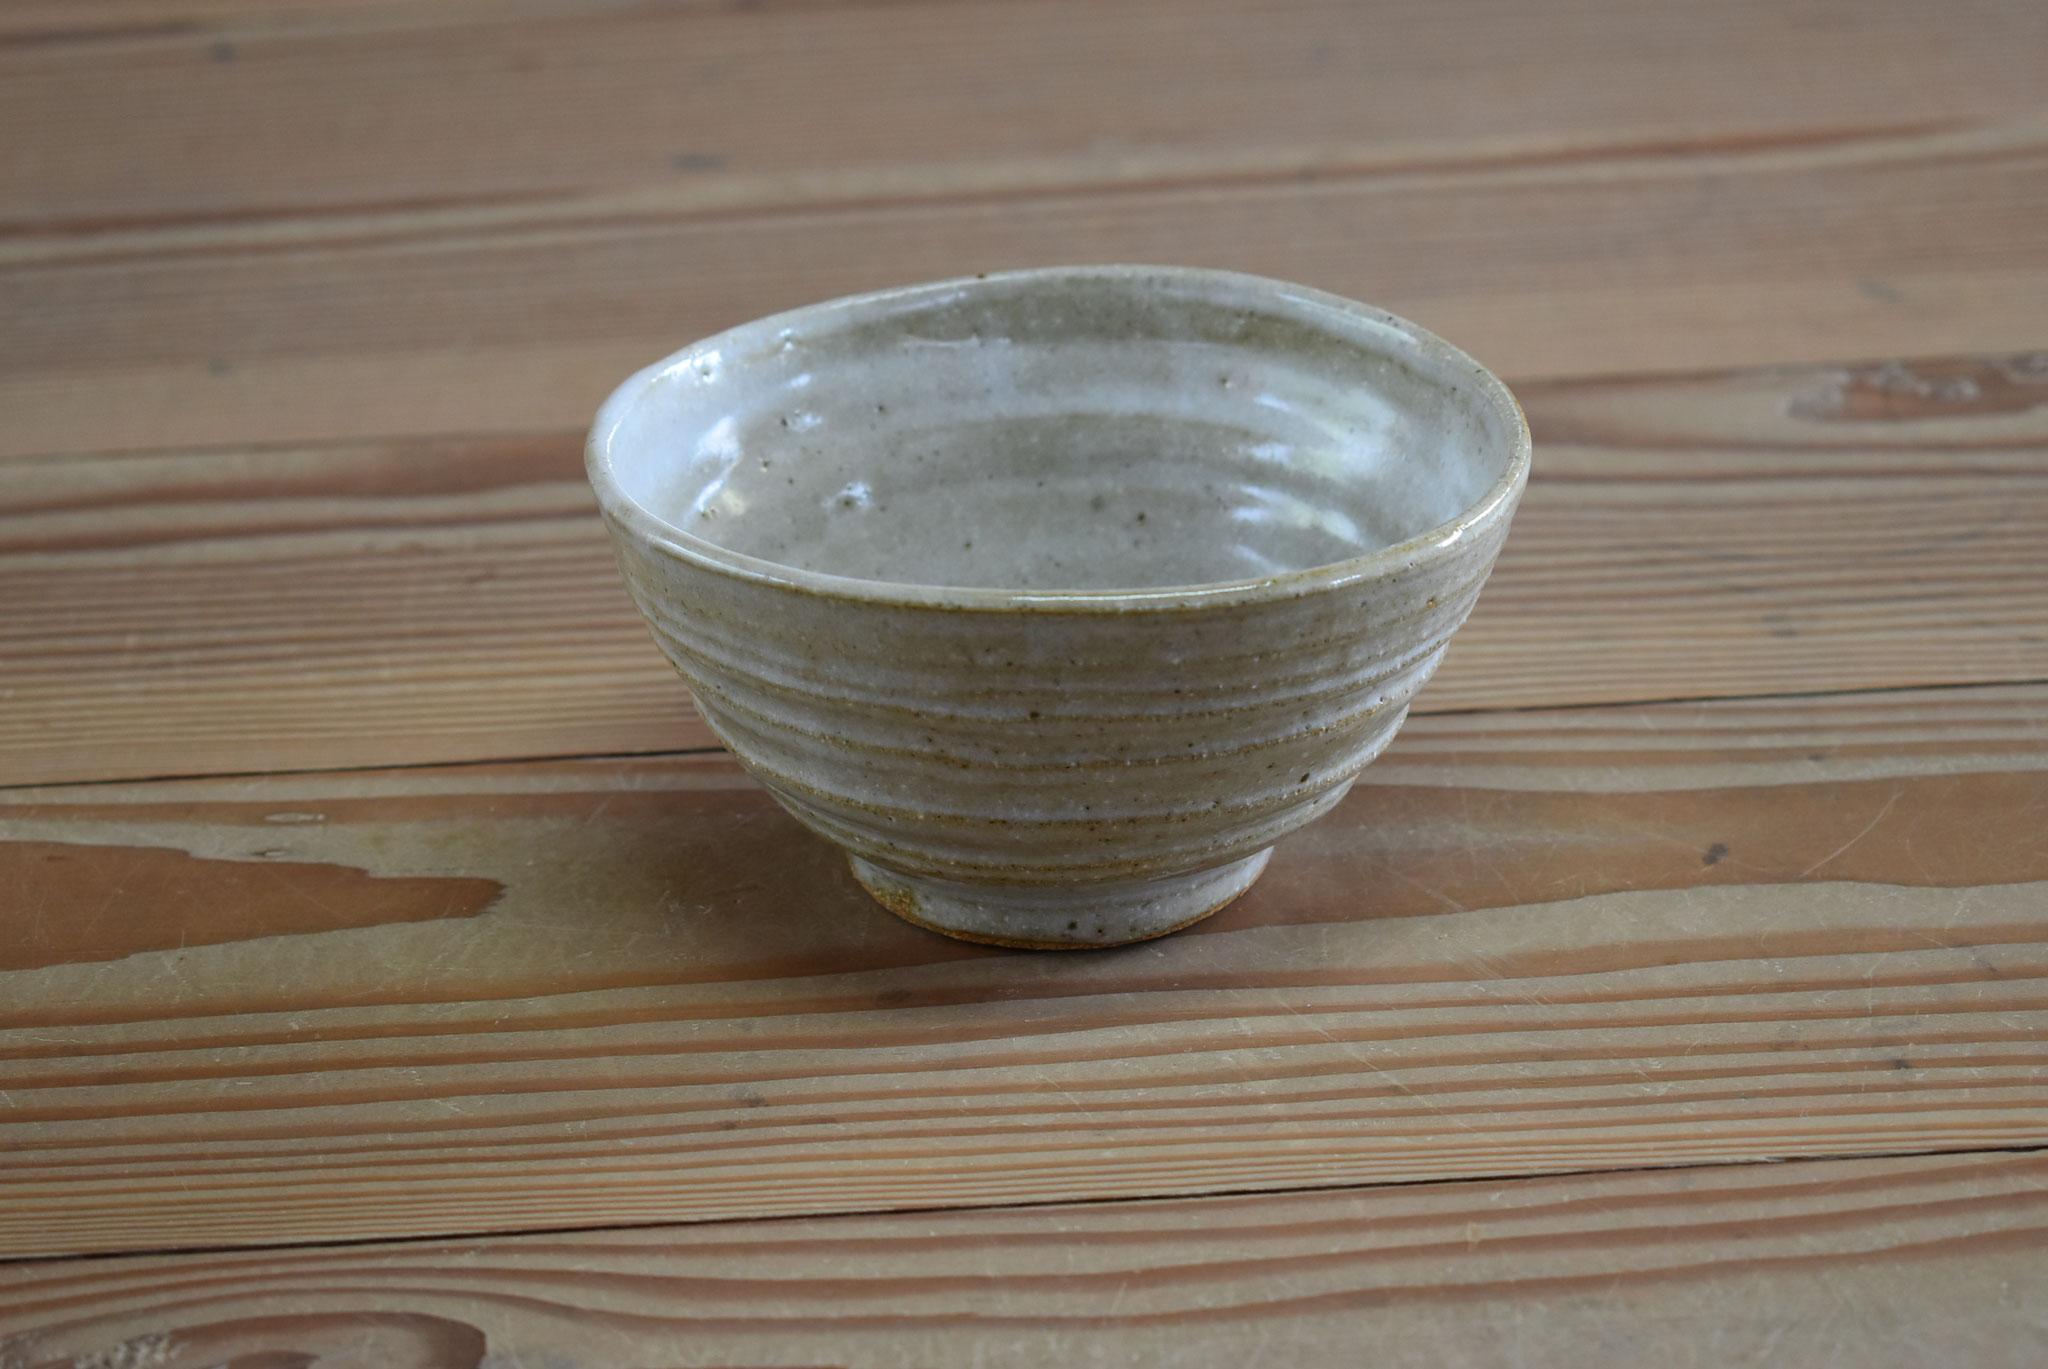 茶碗:赤土に白マット釉